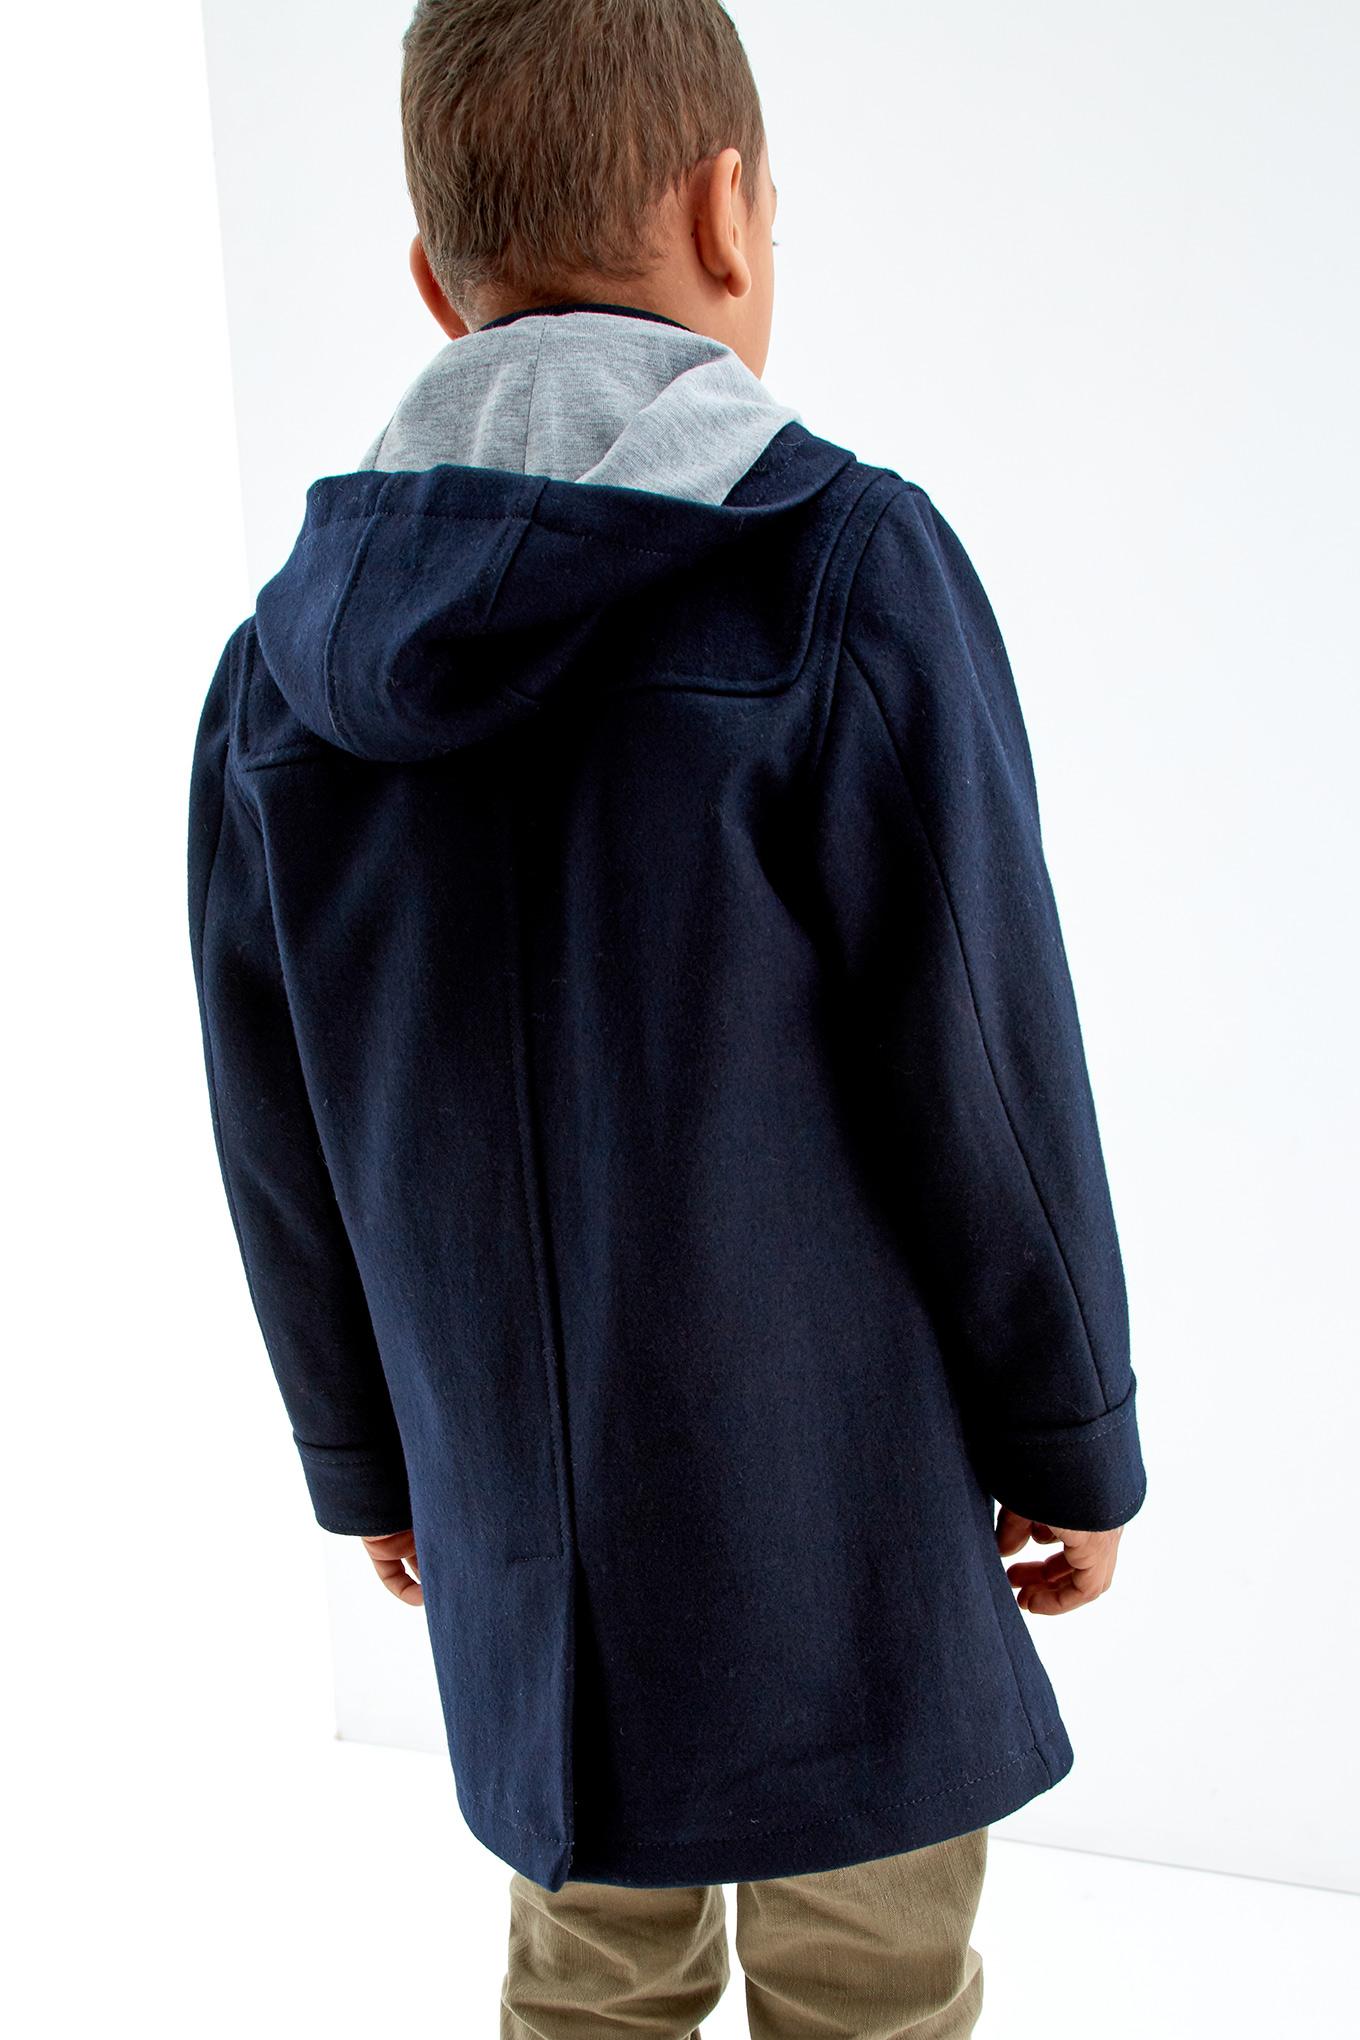 Casaco Azul Escuro Sport Rapaz